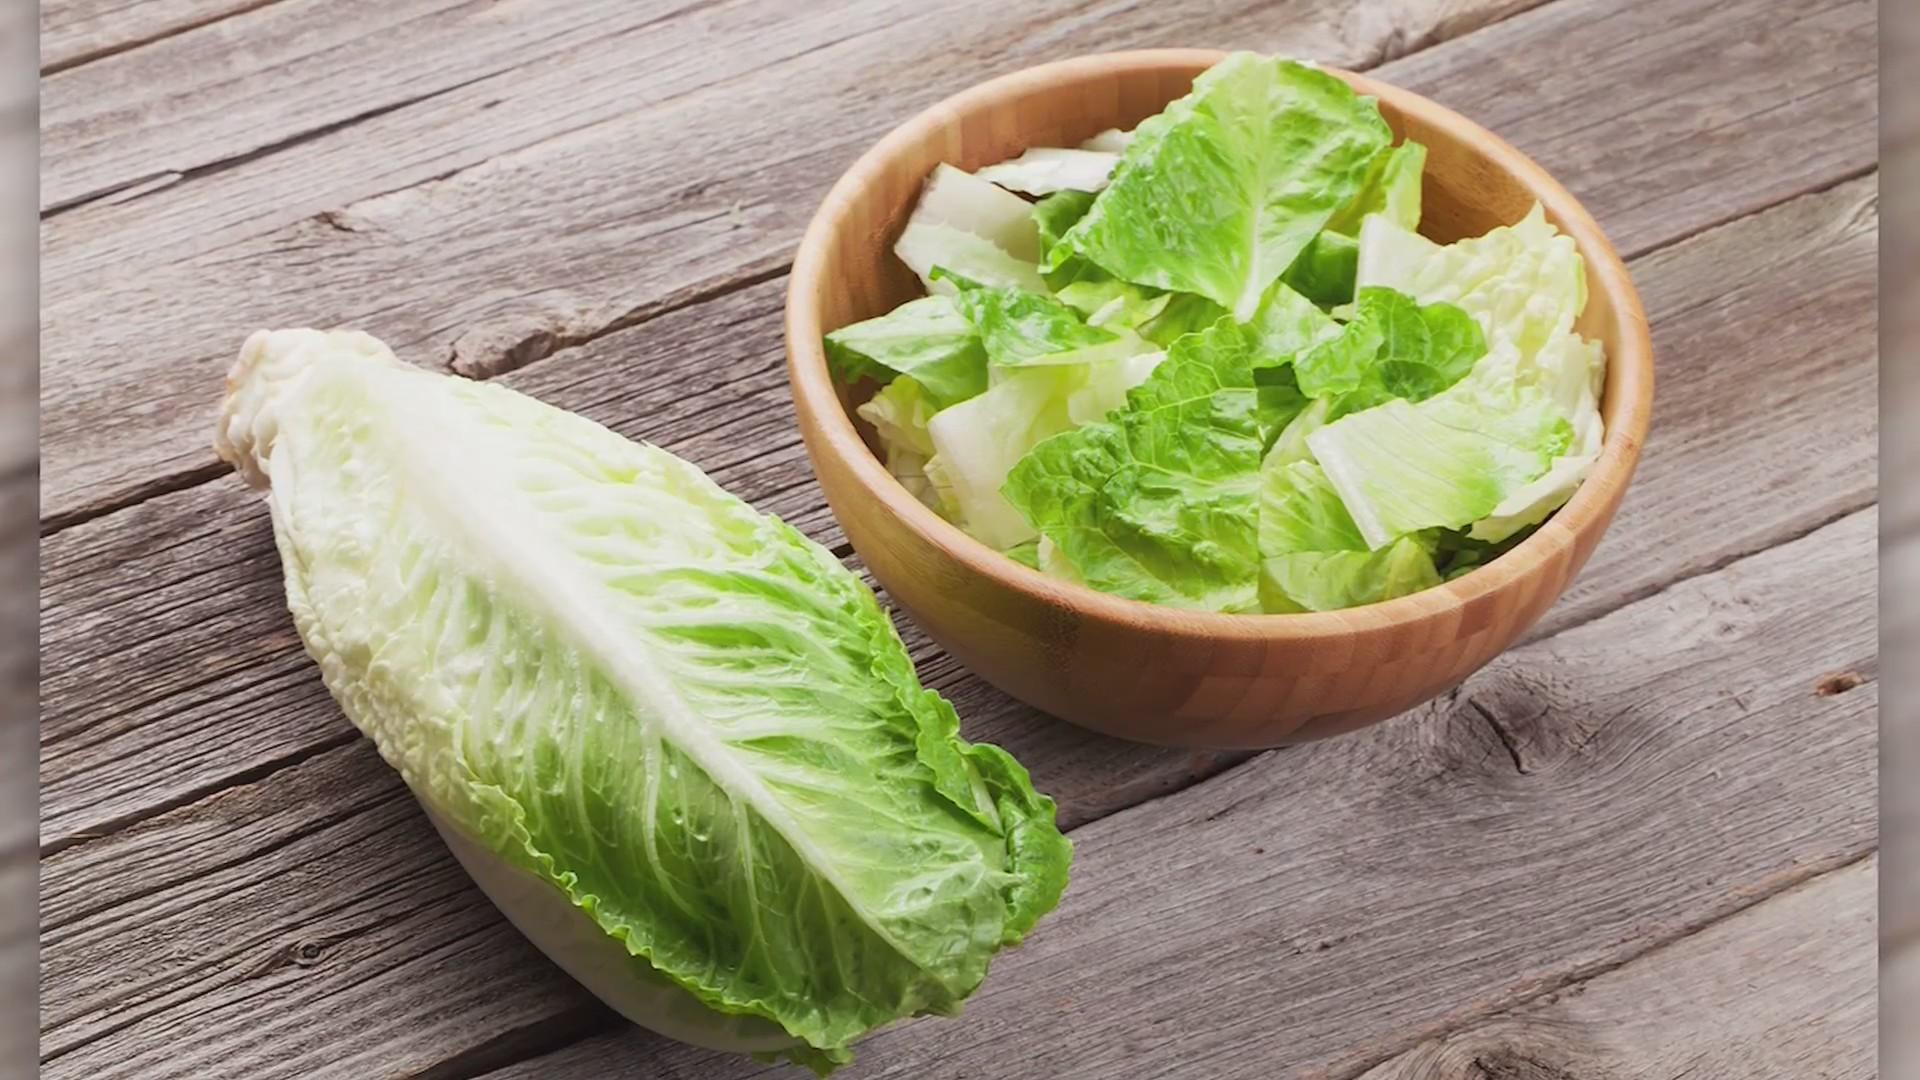 Romaine_lettuce_recall_0_20181121004440